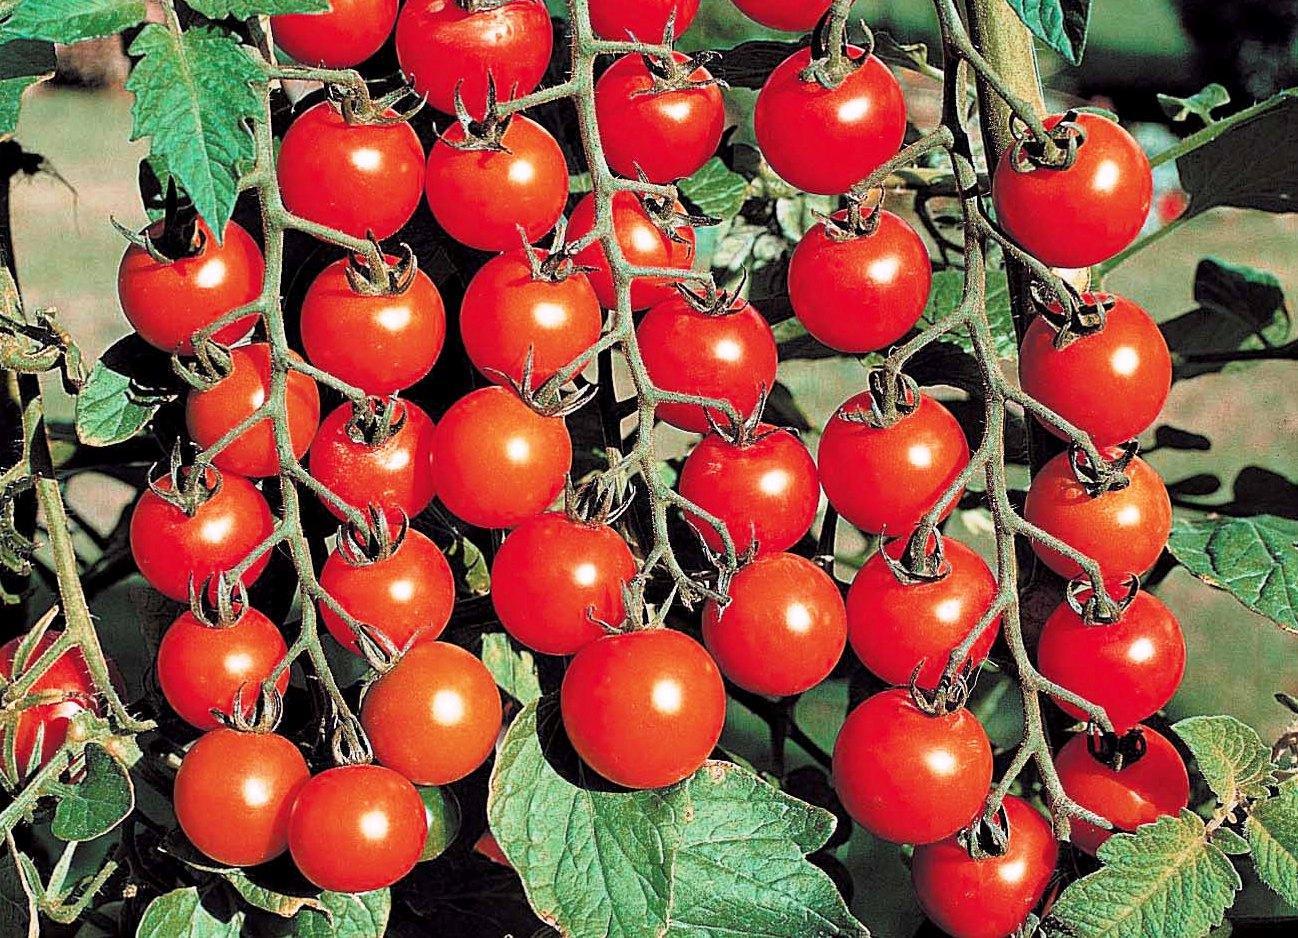 Томат «черри клубничный f1»: основные характеристики сорта и советы по выращиванию этого помидора русский фермер